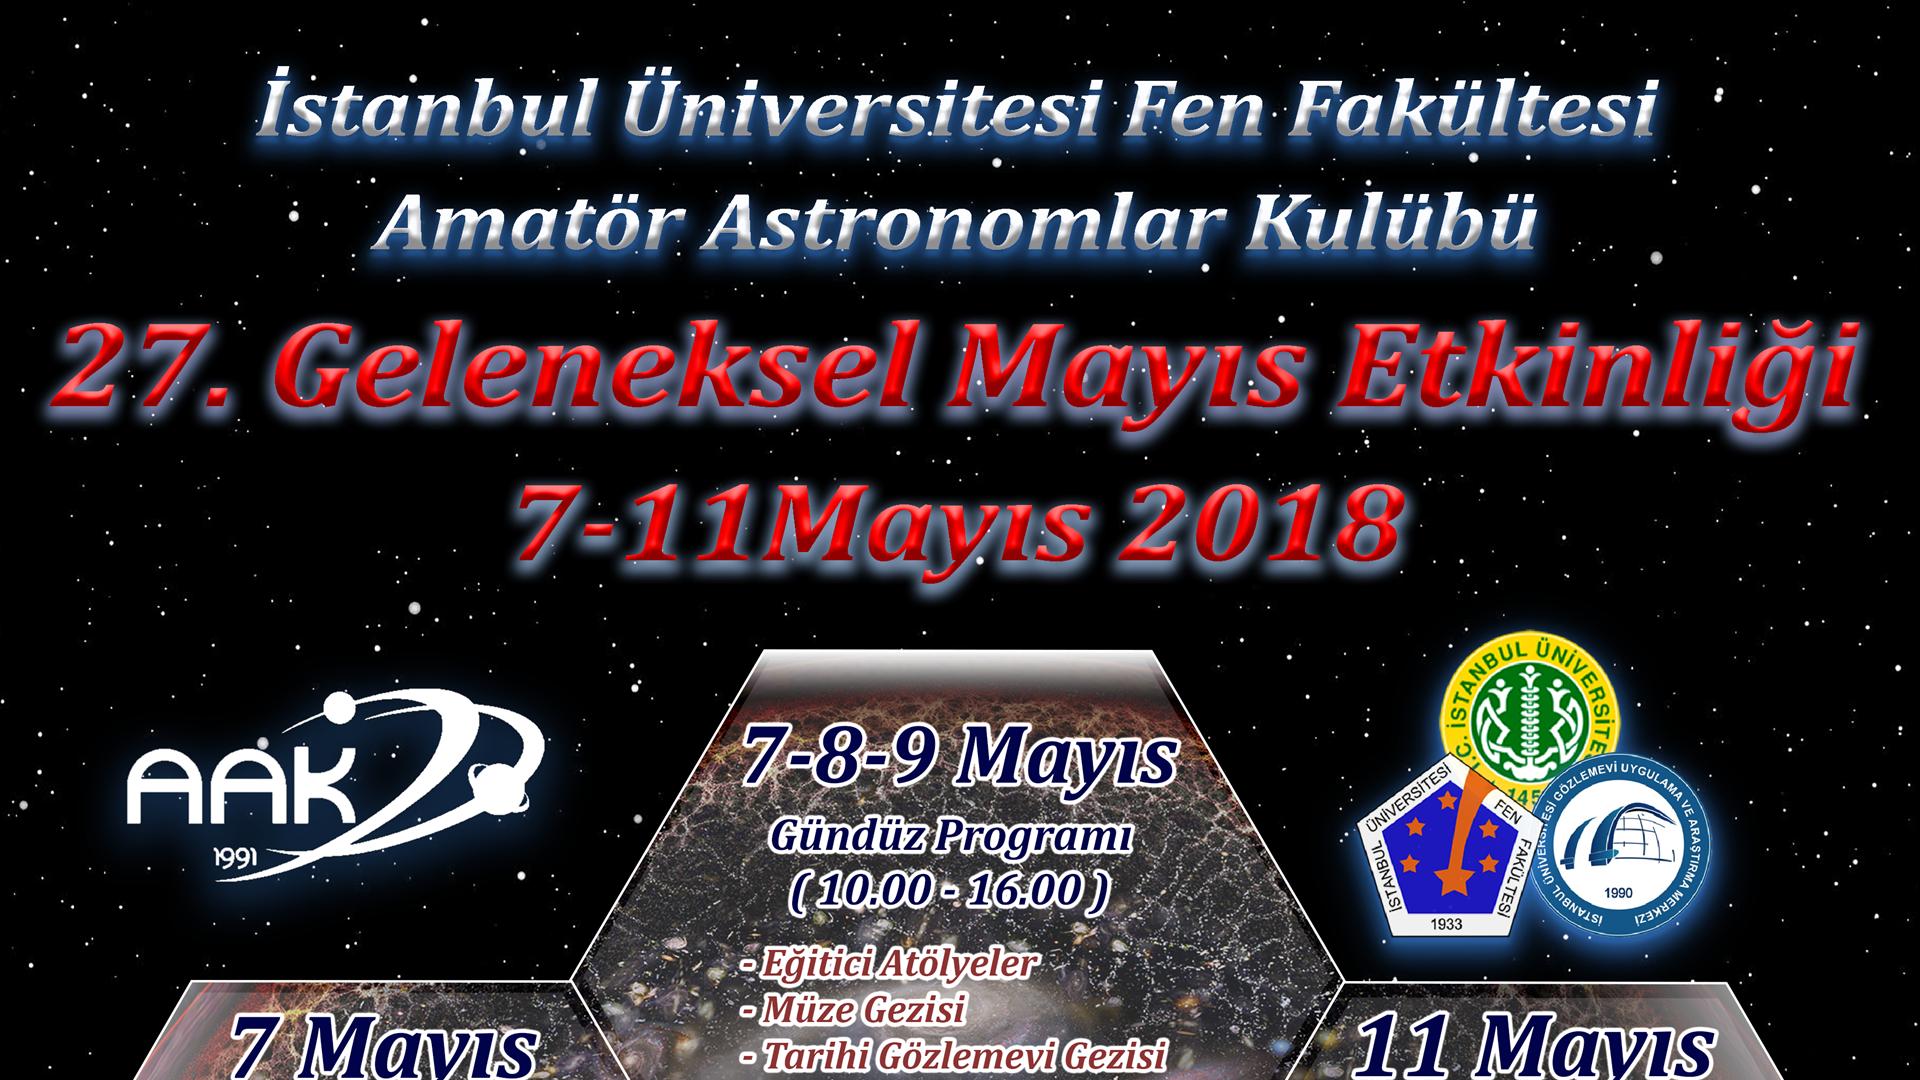 """Türkiye'nin-En-Eski-Astronomi-Şenliği-Olan-""""Mayis-Etkinliği""""nin-27.'si-İstanbul-Üniversitesi'nde-Gerçekleştiriliyor"""